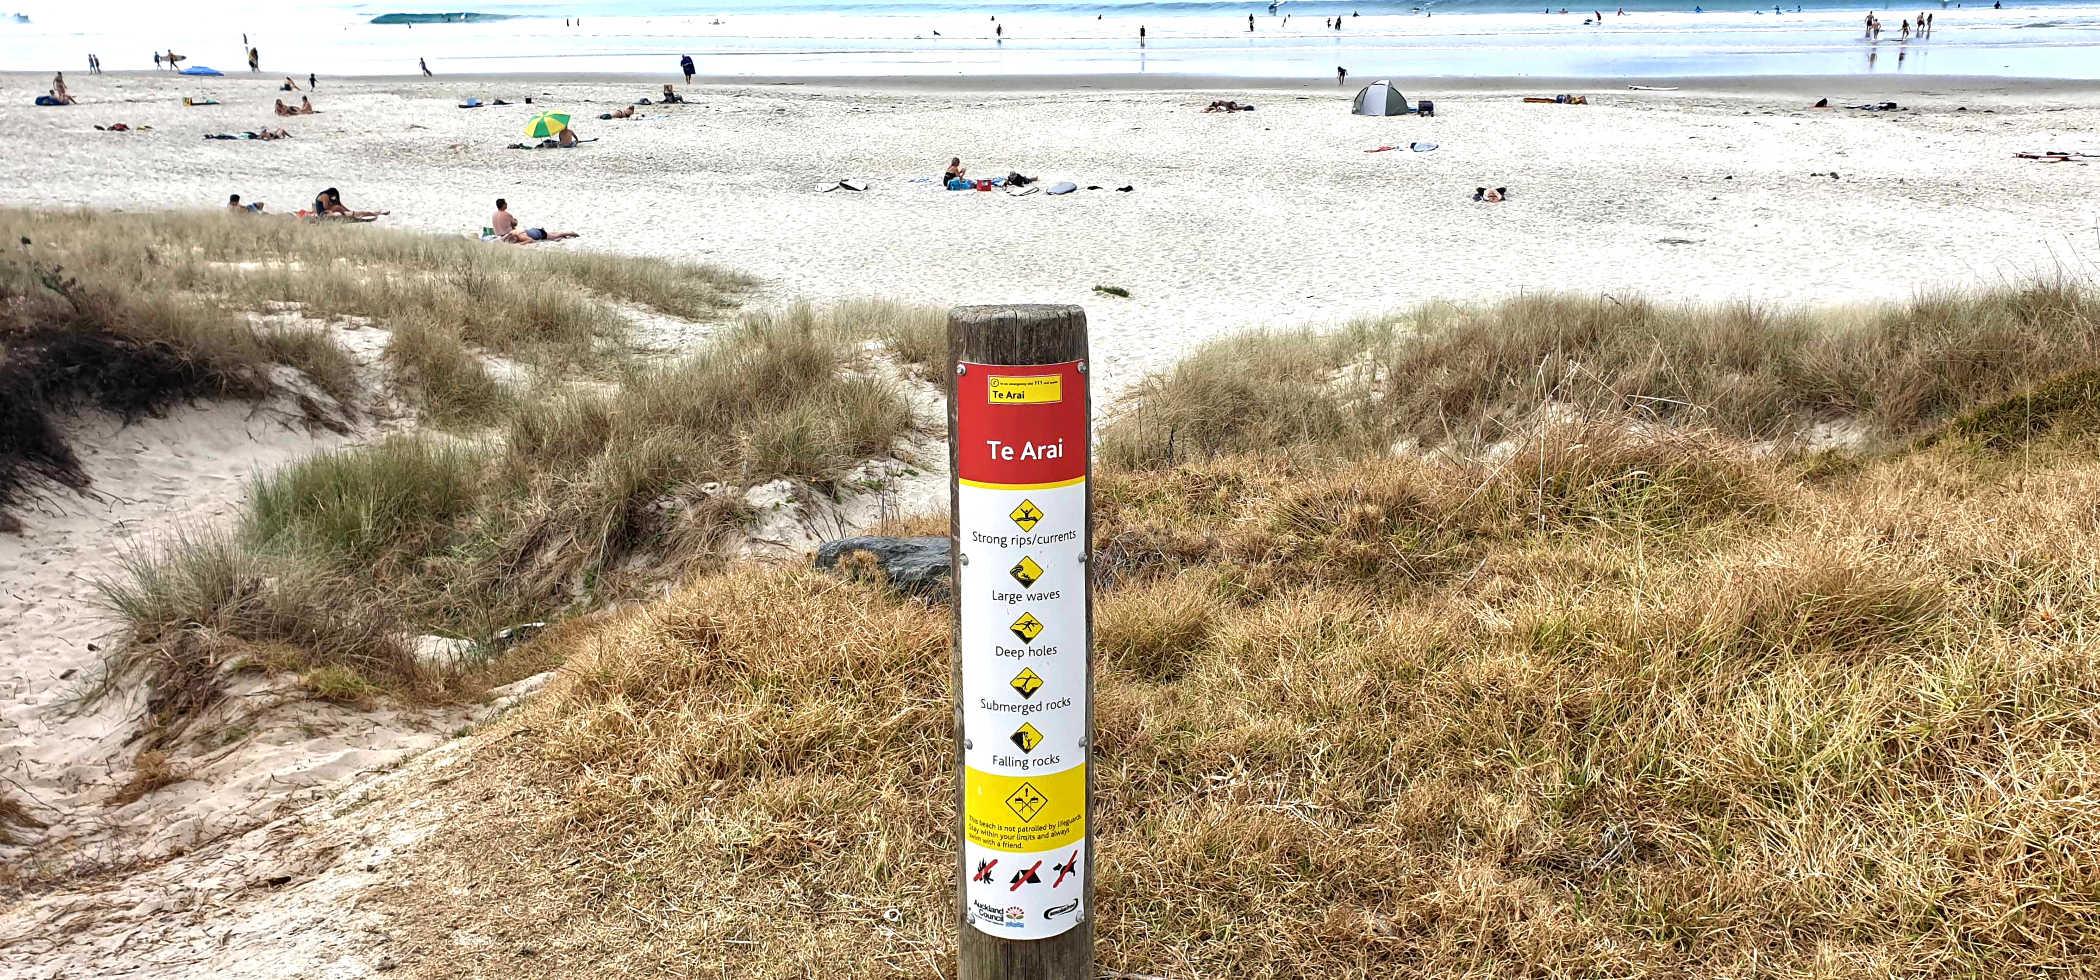 Te Arai Point beach, Auckland, New Zealand